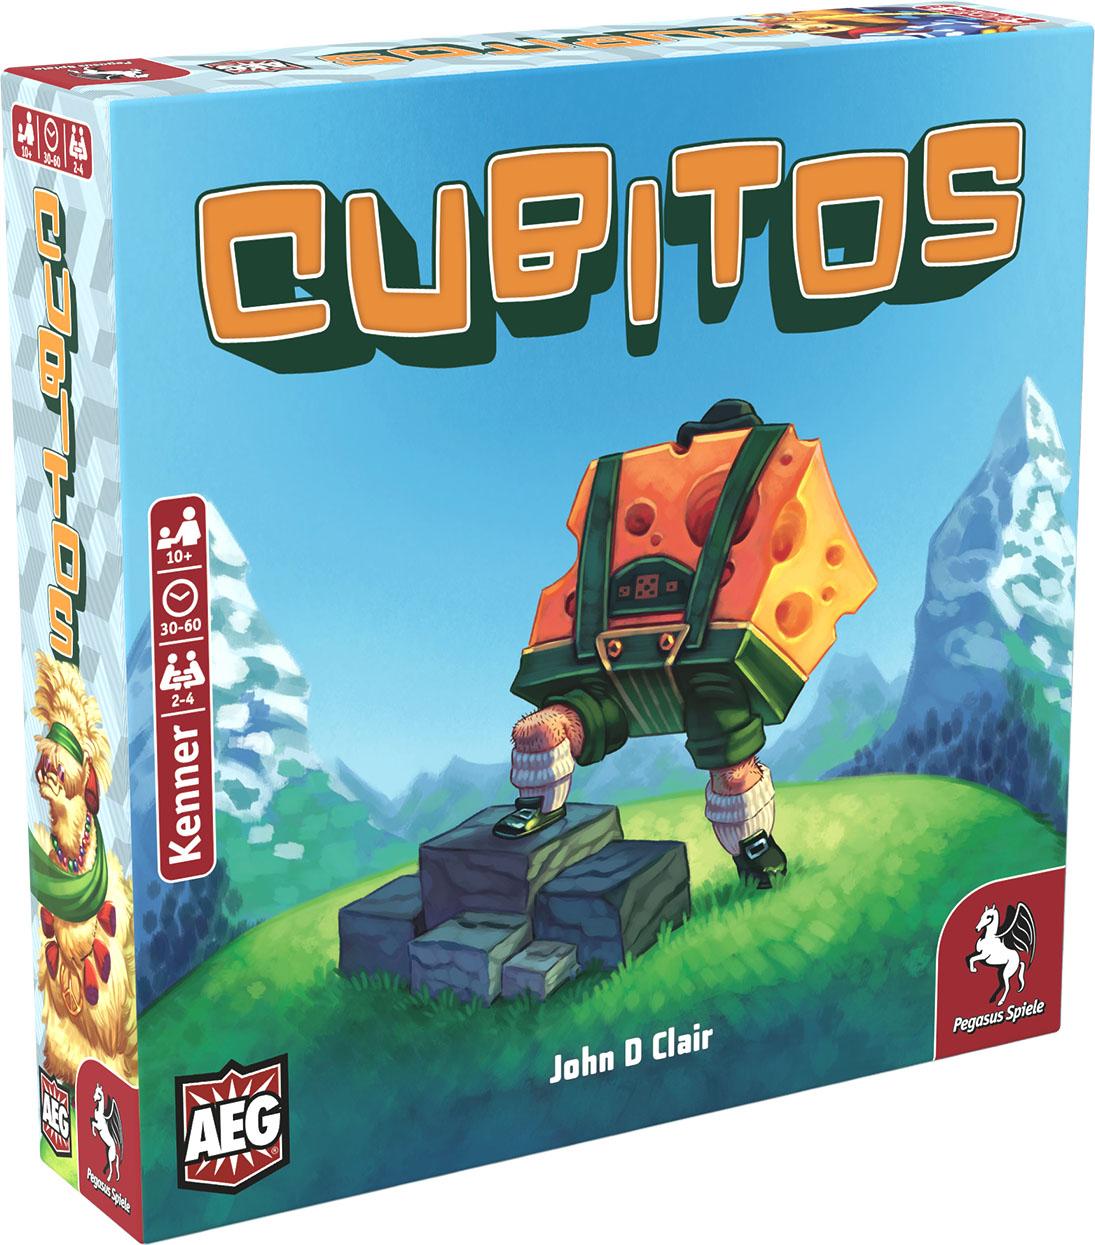 Cubitos (dt. Ausgabe)